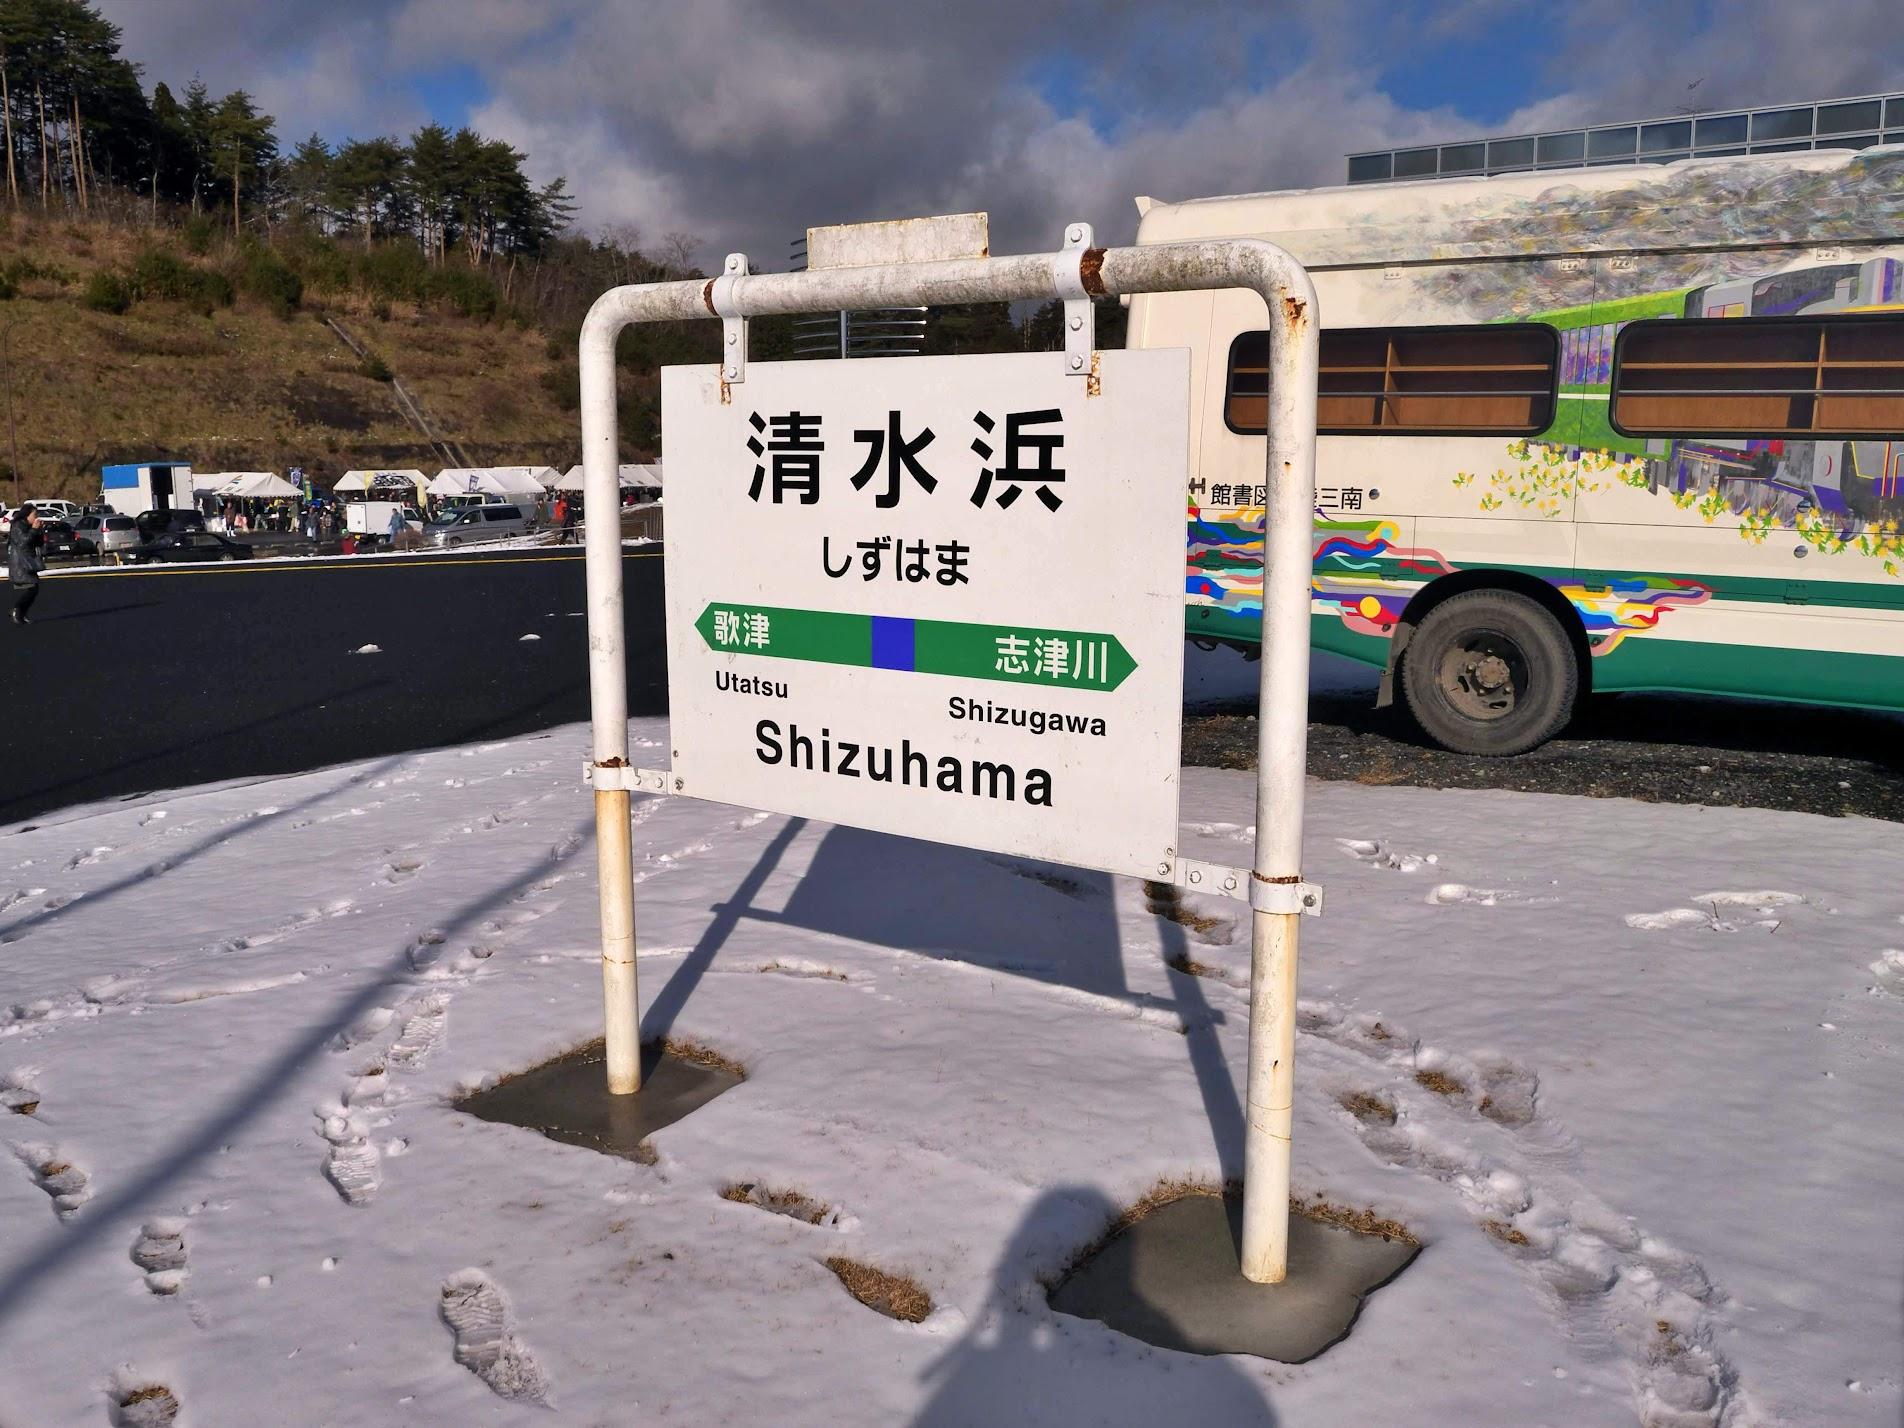 歌津と清水浜の駅名標を展示保存